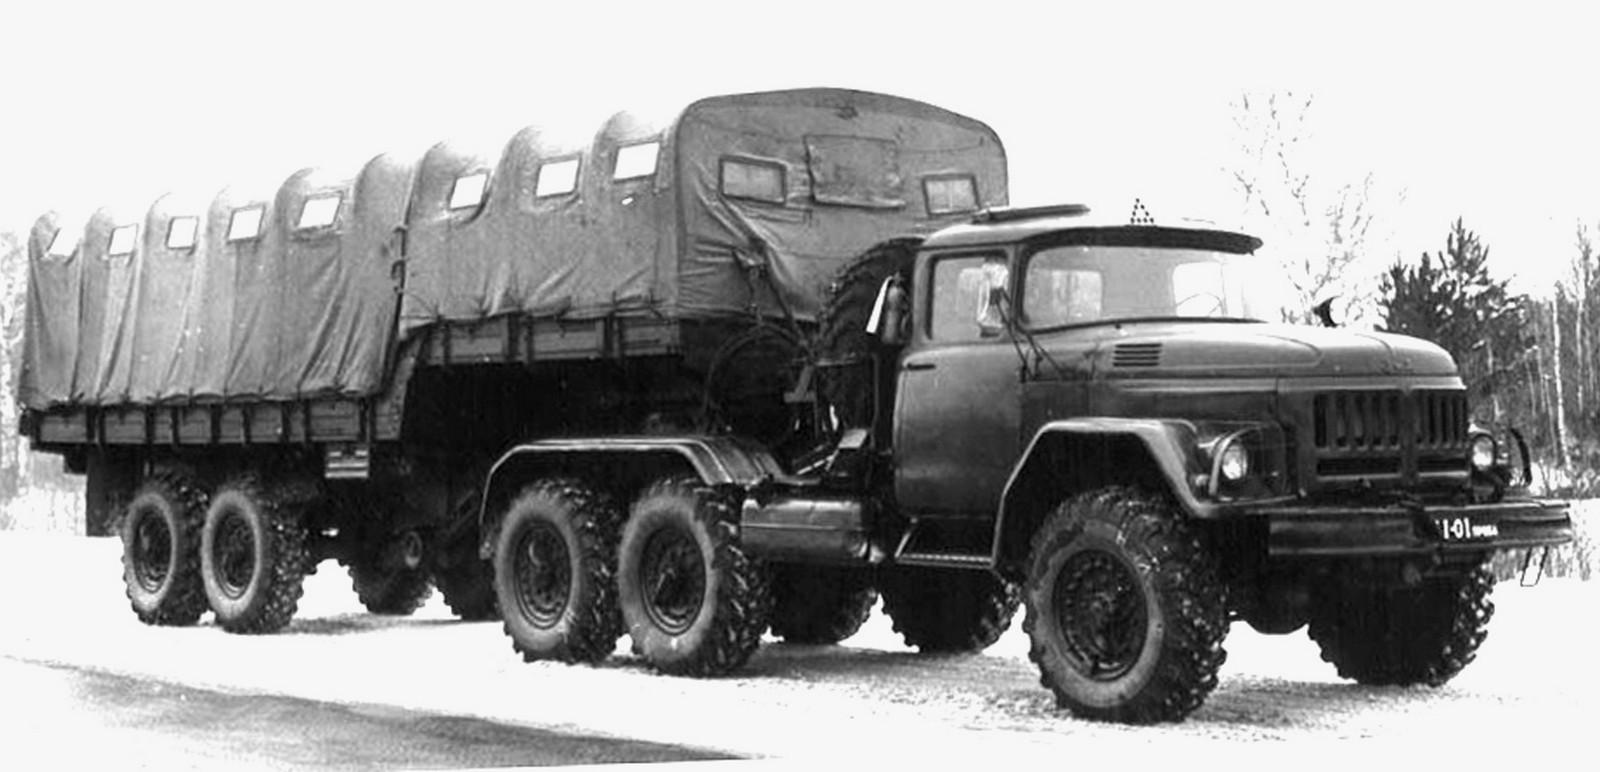 Прототип активного автопоезда ЗИЛ-137 с гидростатическим приводом (из архива СКБ ЗИЛ)